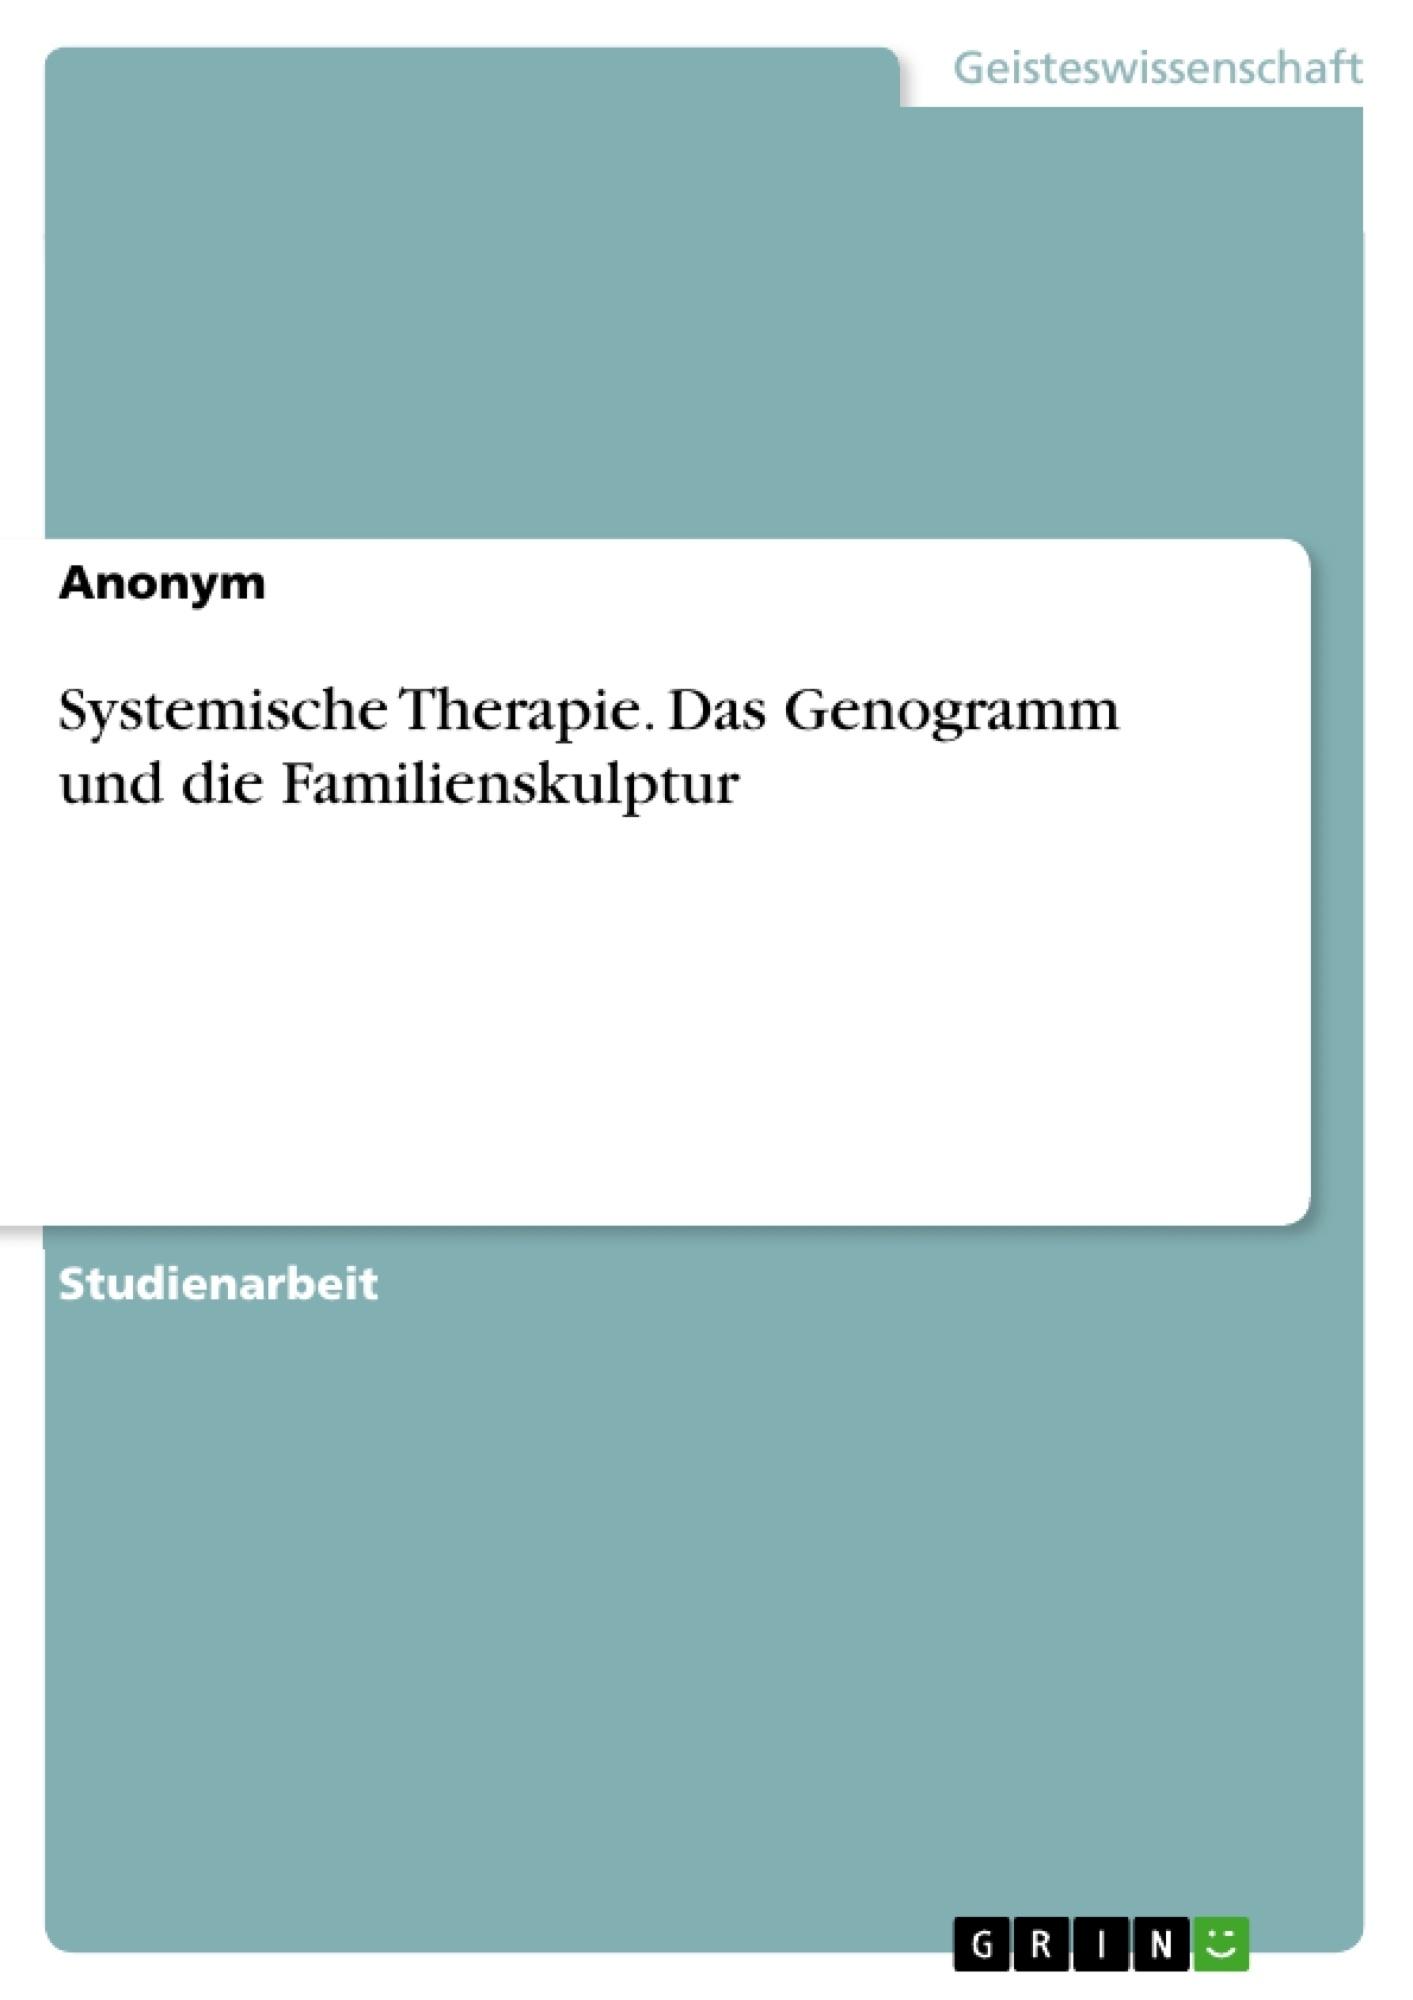 Titel: Systemische Therapie. Das Genogramm und die Familienskulptur